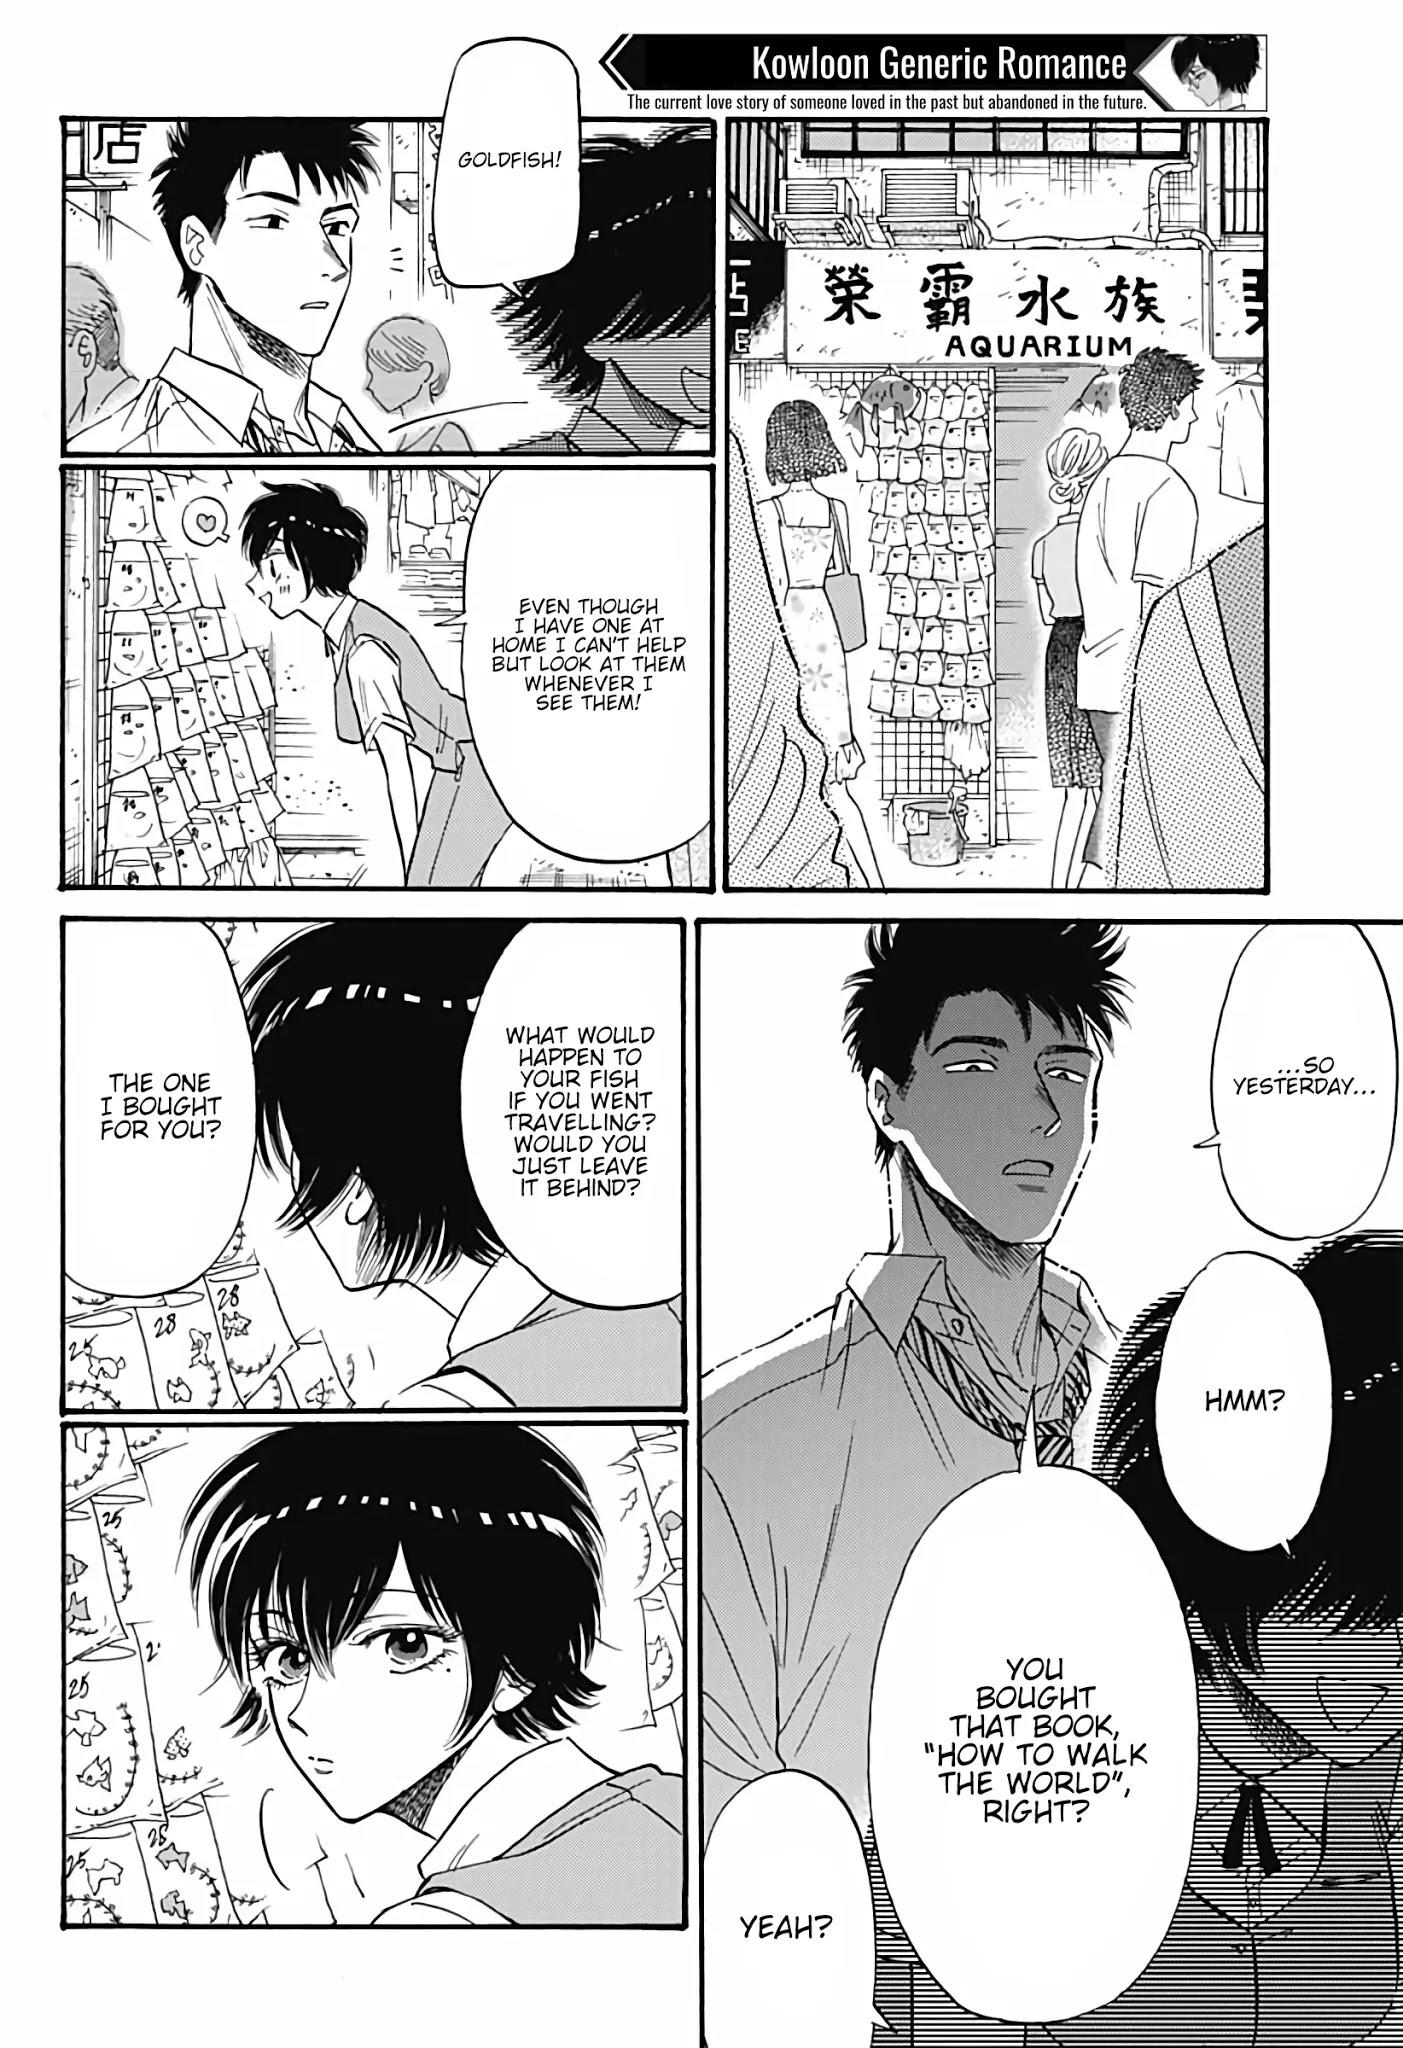 Kowloon Generic Romance Chapter 39 page 17 - Mangakakalots.com